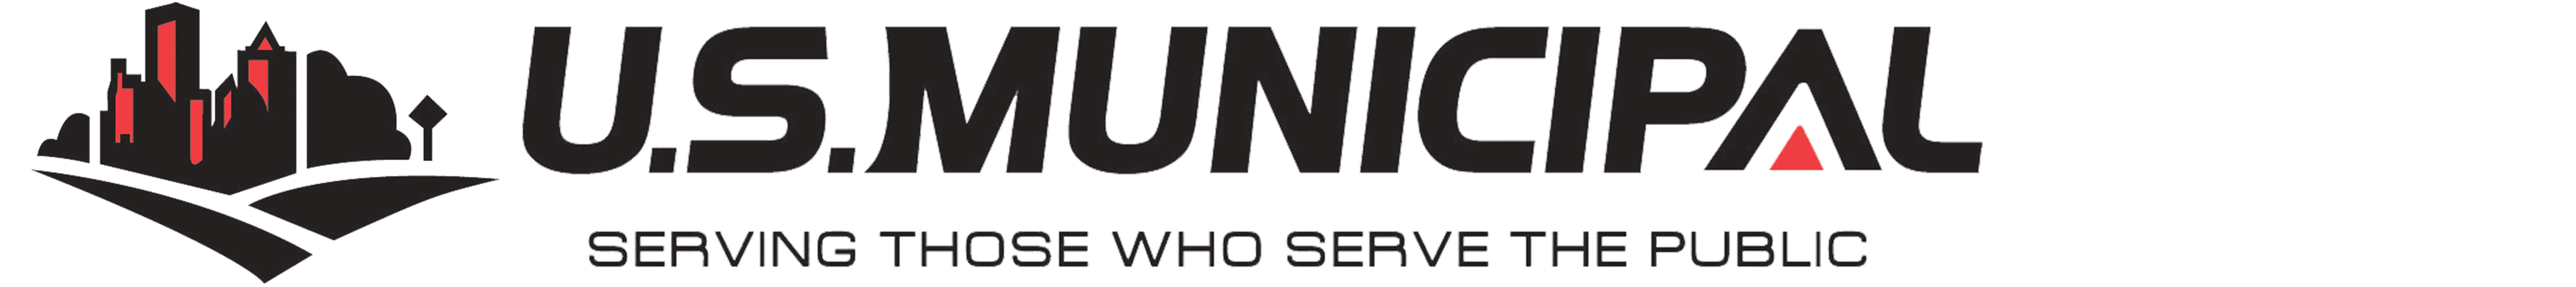 U.S. Municipal